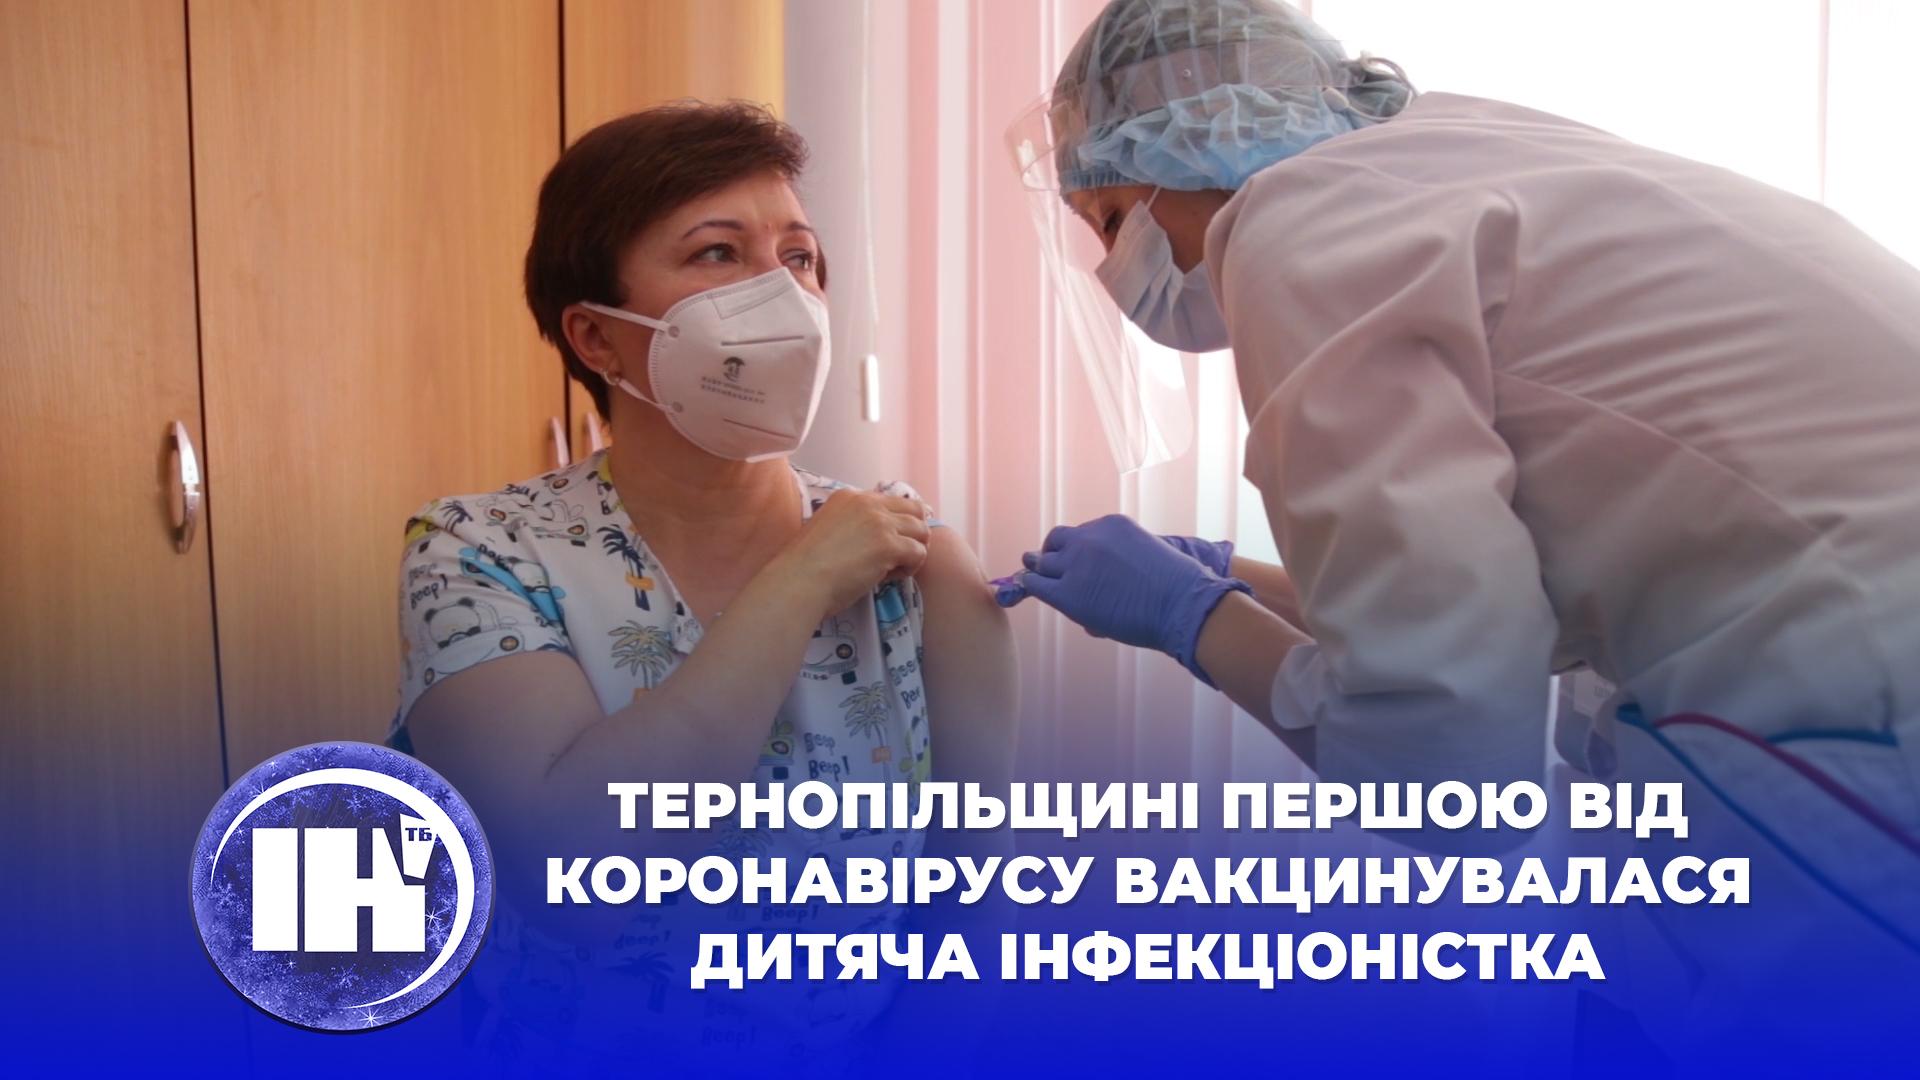 На Тернопільщині першою від коронавірусу вакцинувалася дитяча інфекціоністка